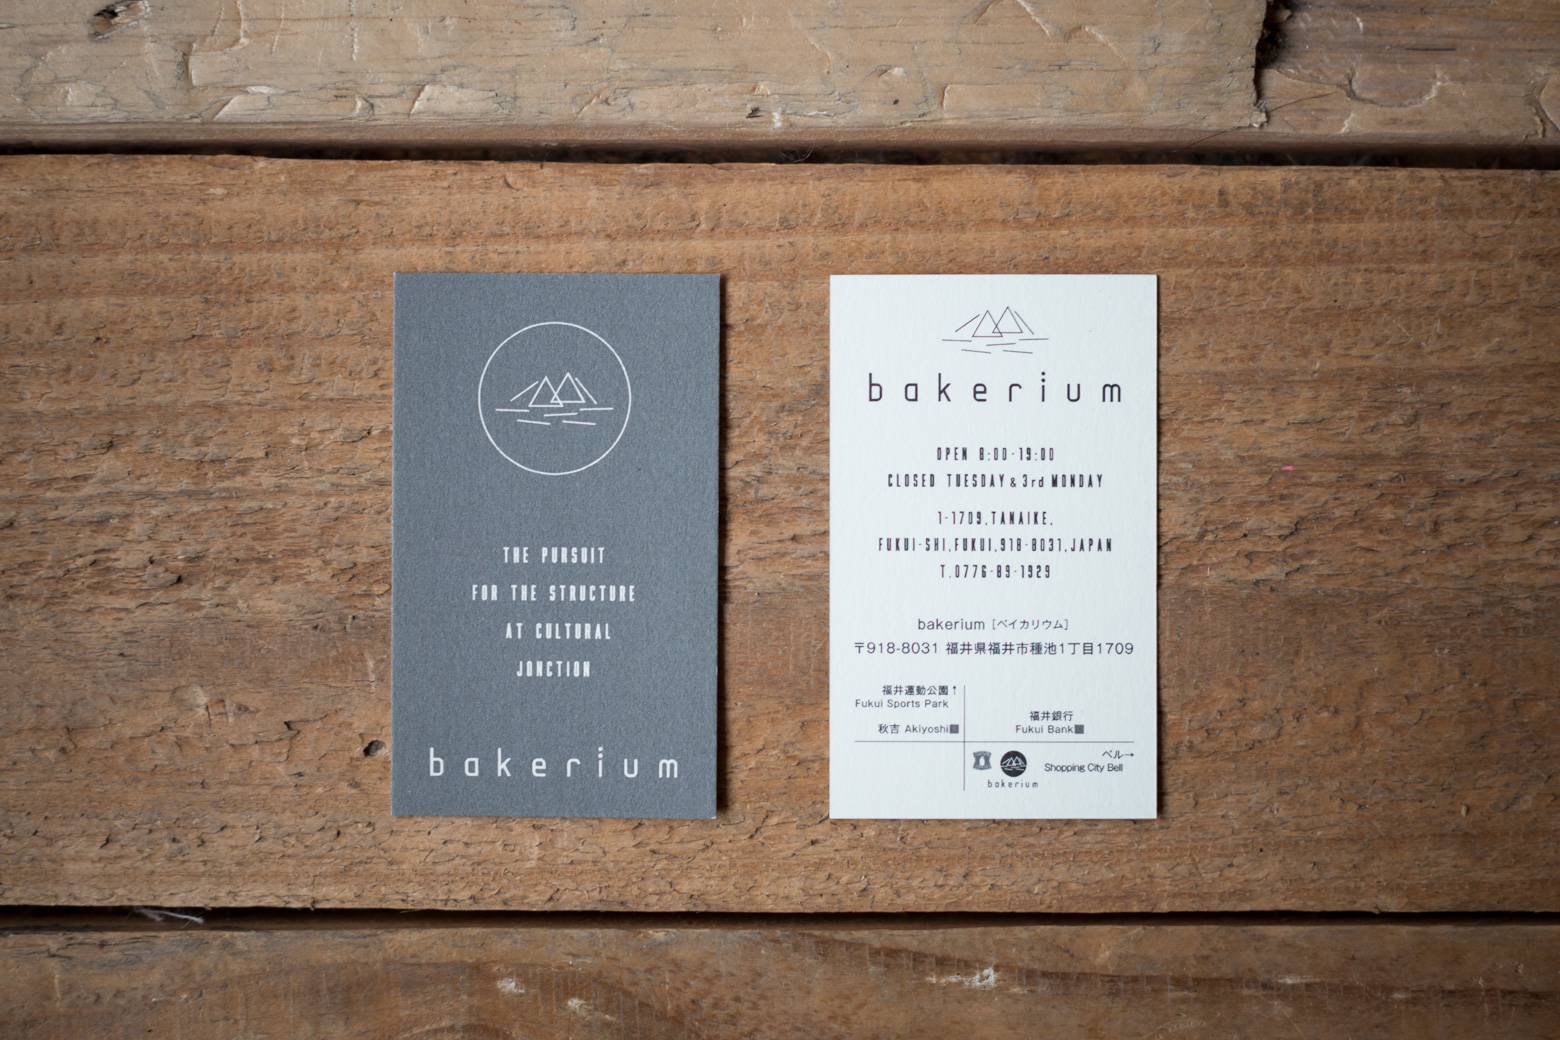 bakerium